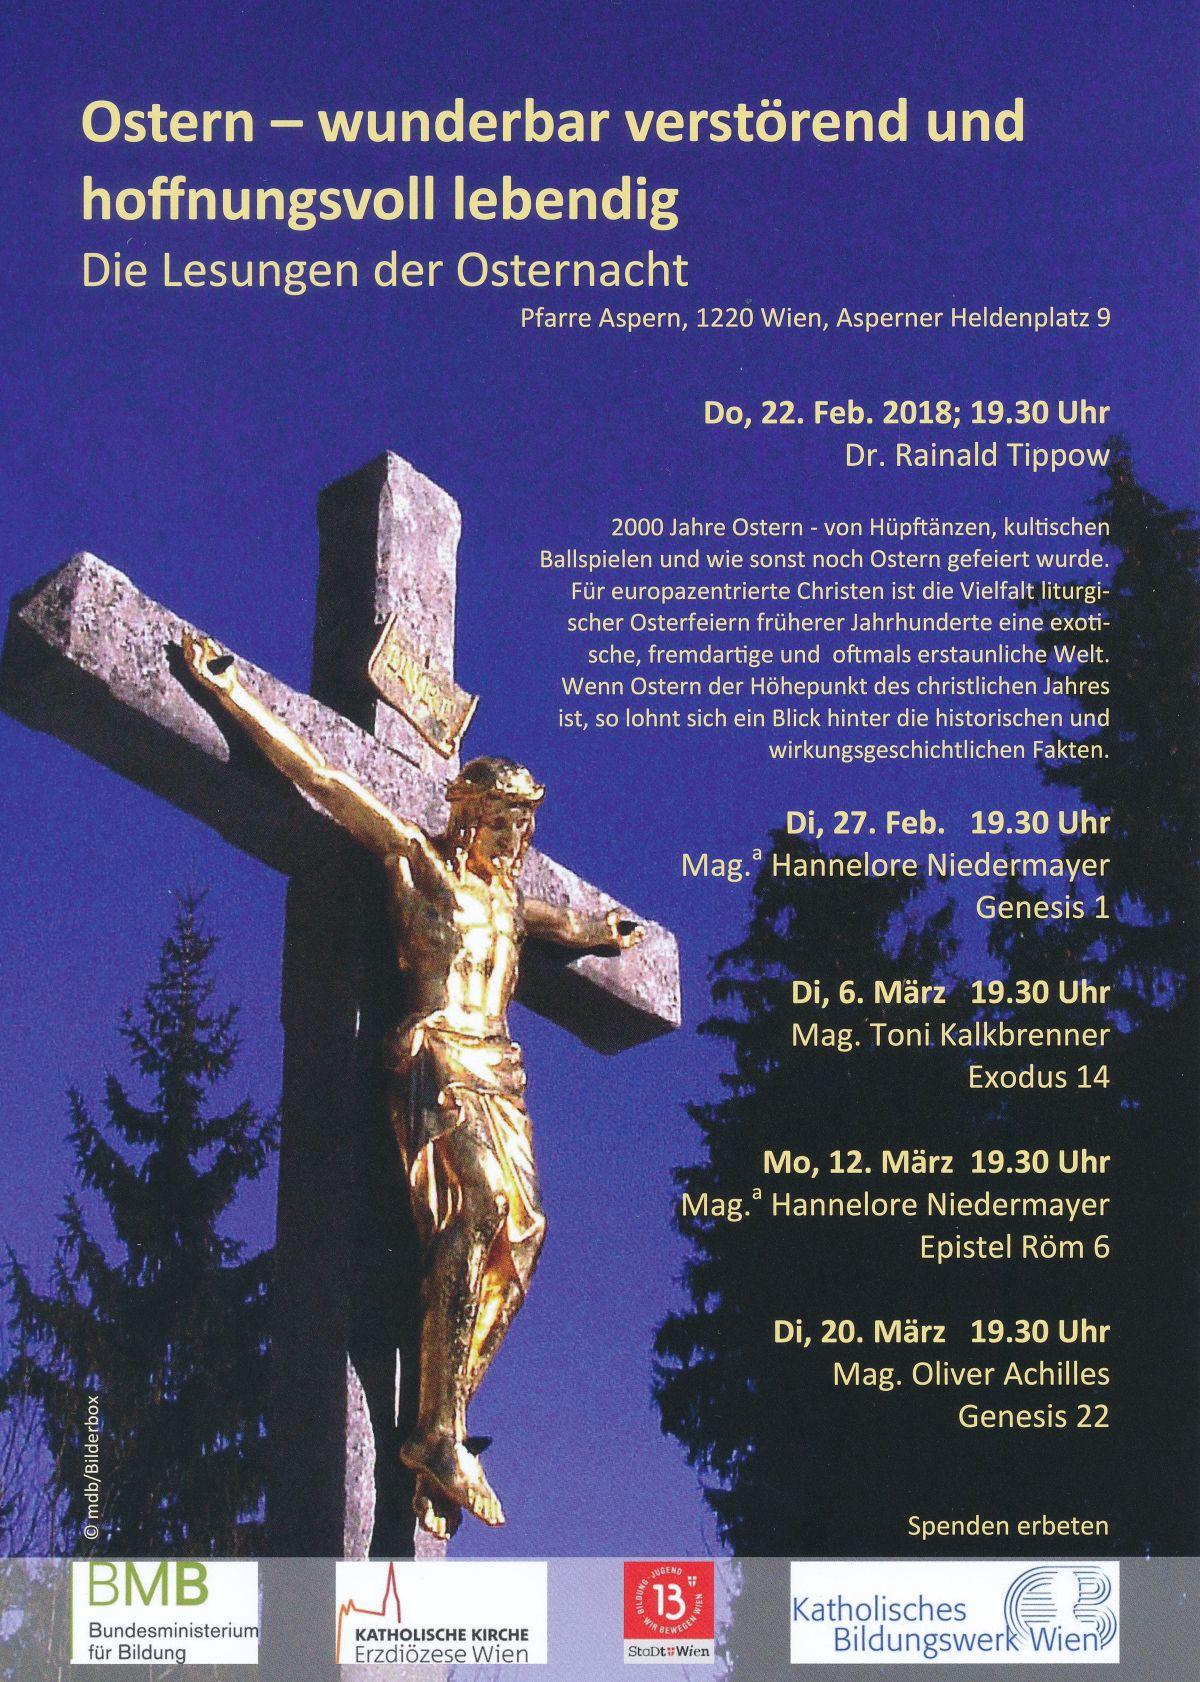 Lesungen der Osternacht